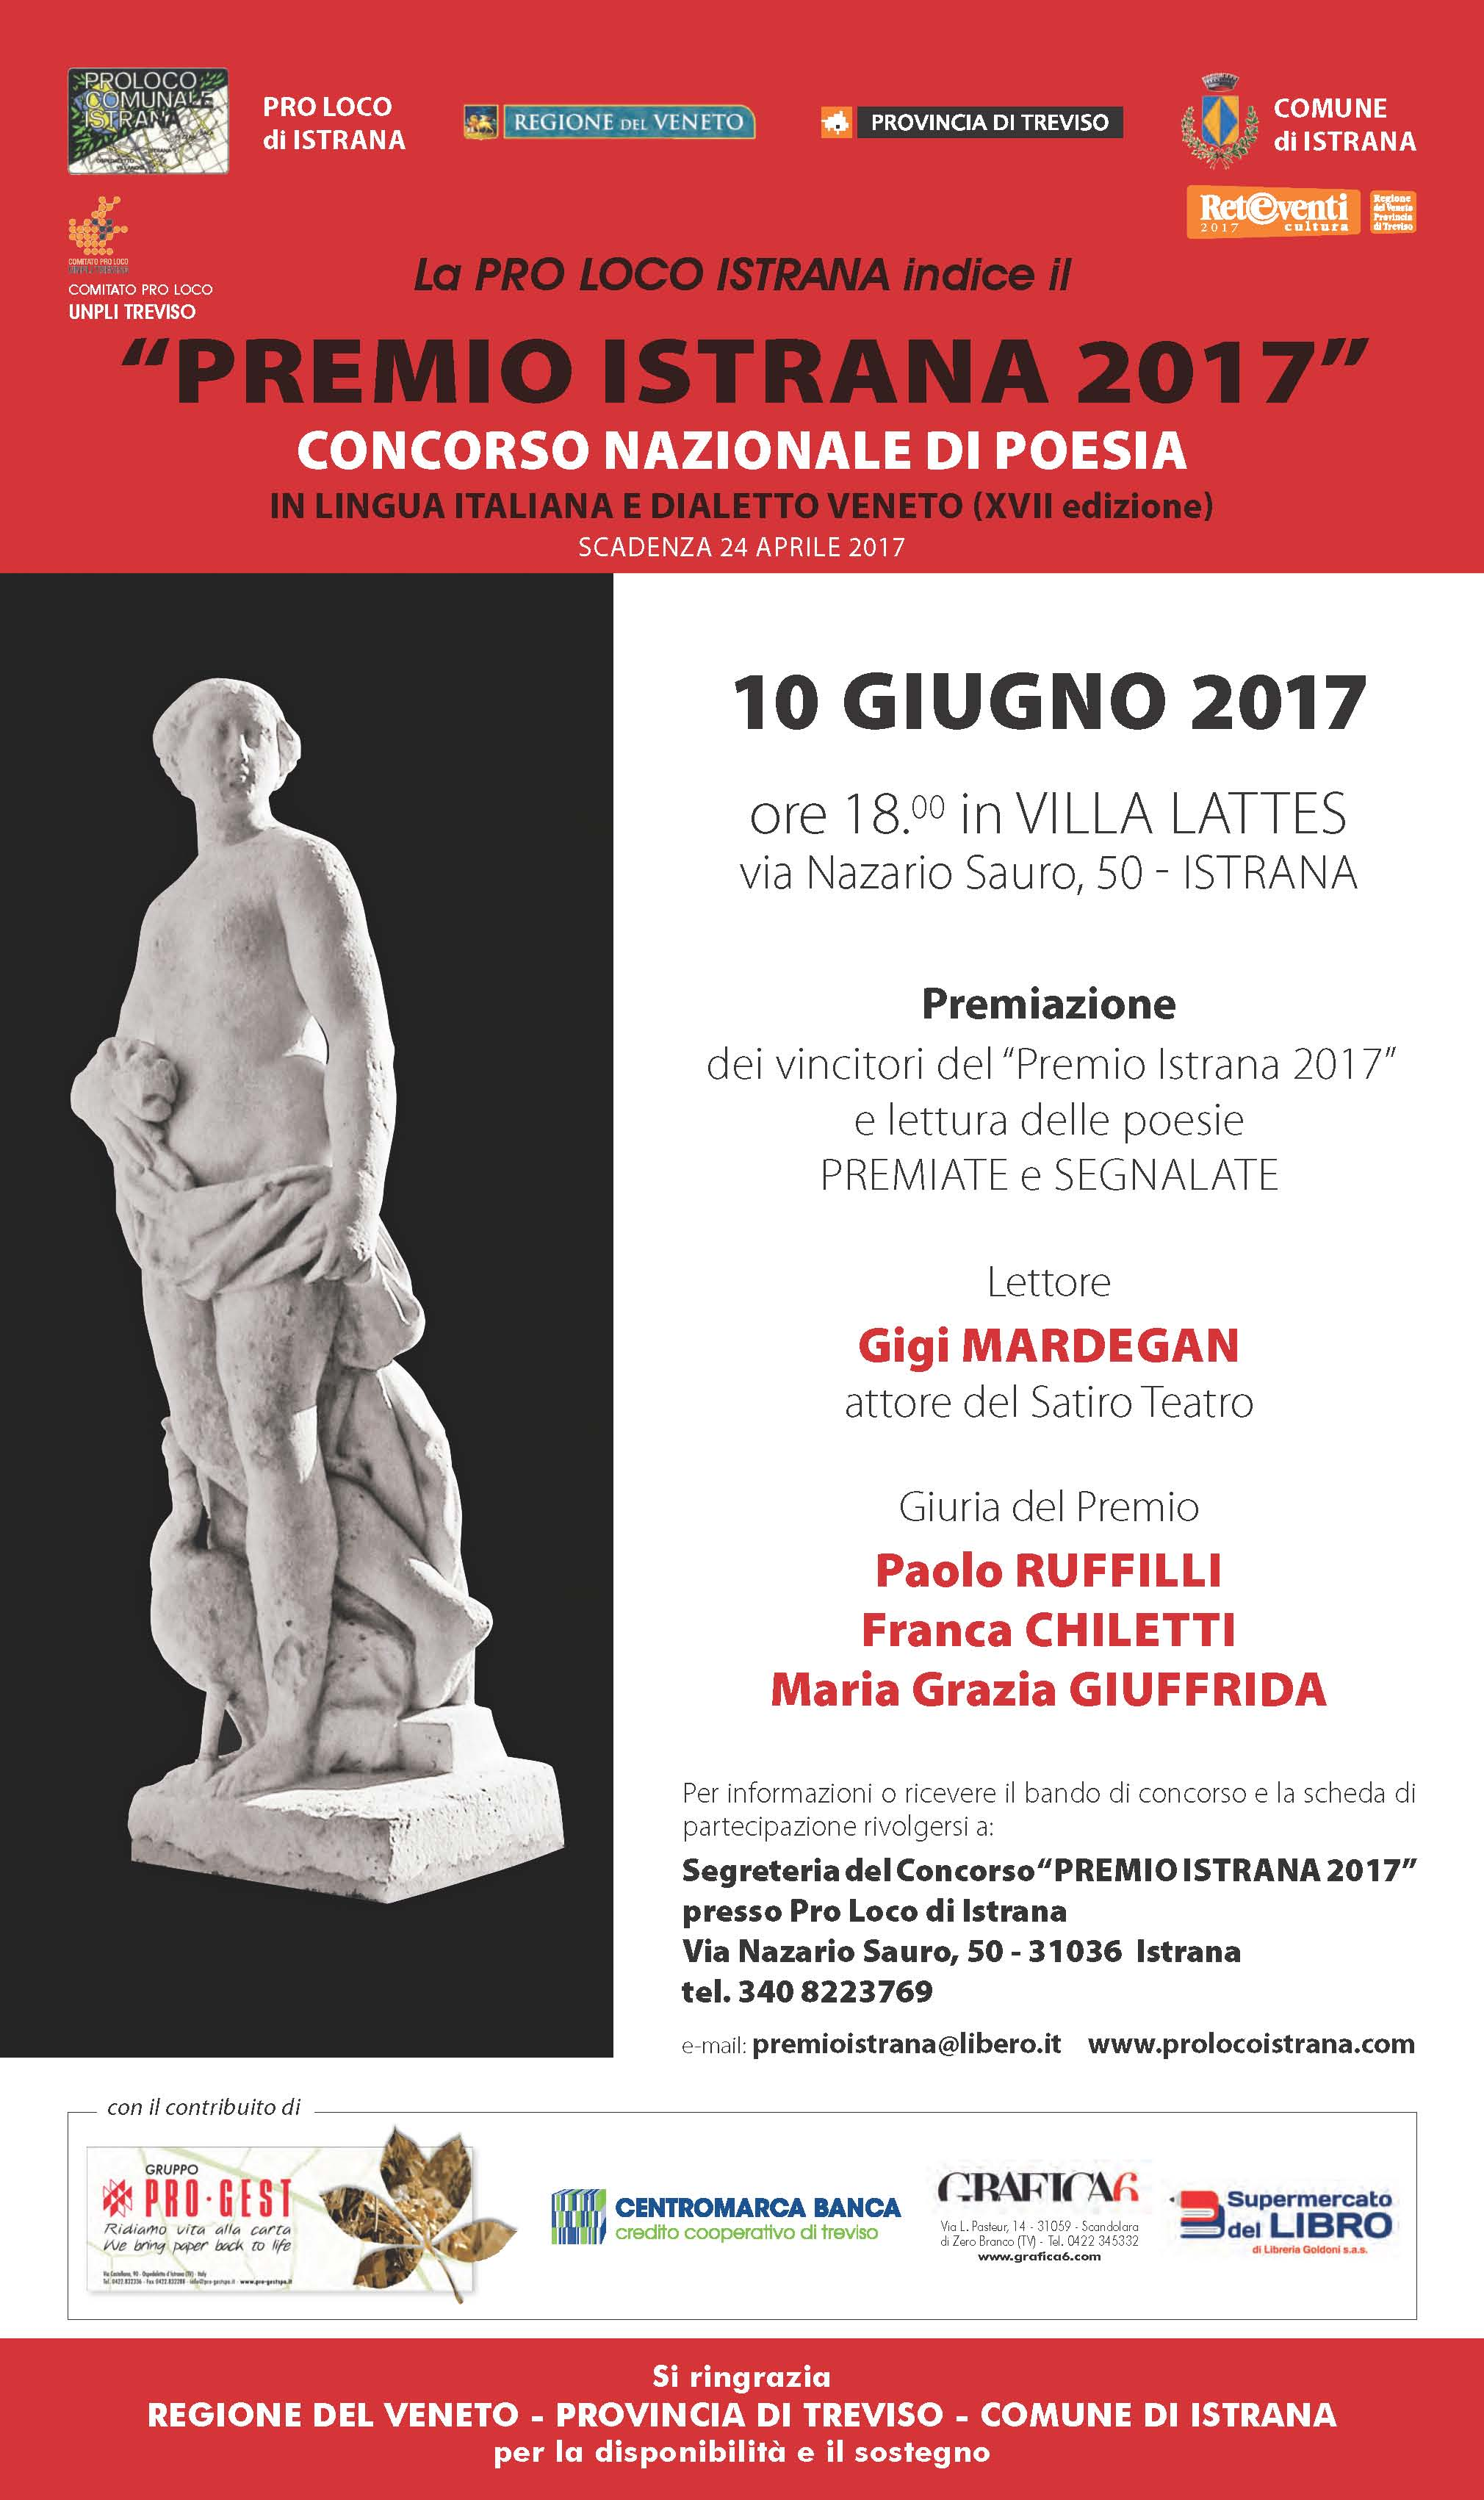 Célèbre Premio Istrana 2017 - Concorso nazionale di poesia in lingua  AK47